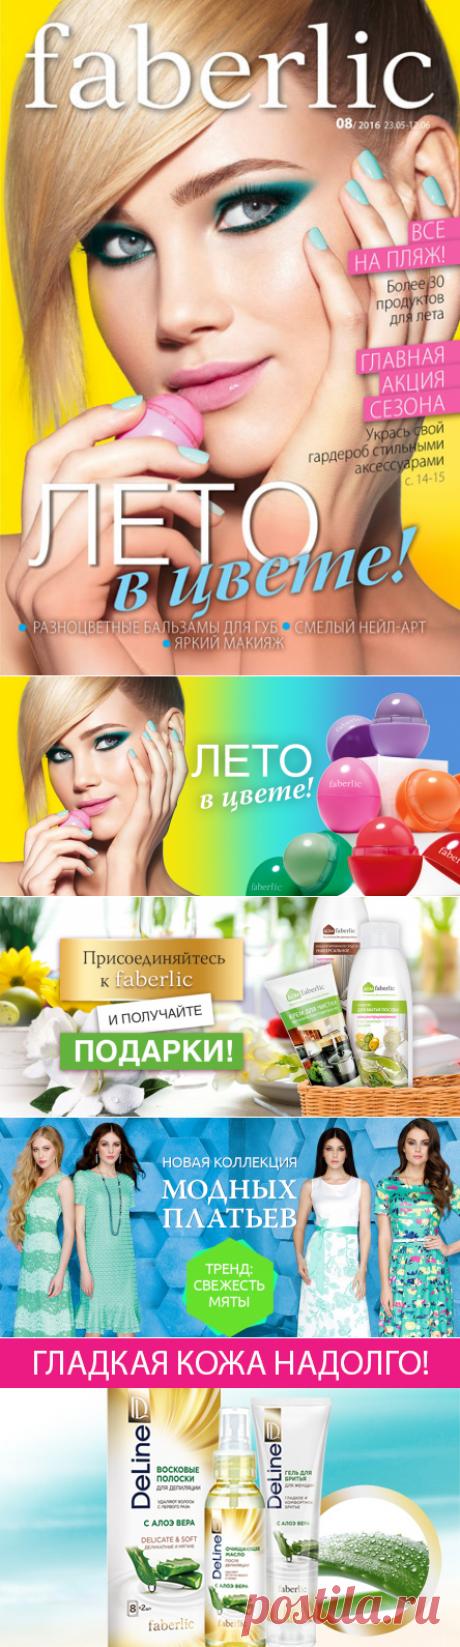 Интернет-магазин Faberlic